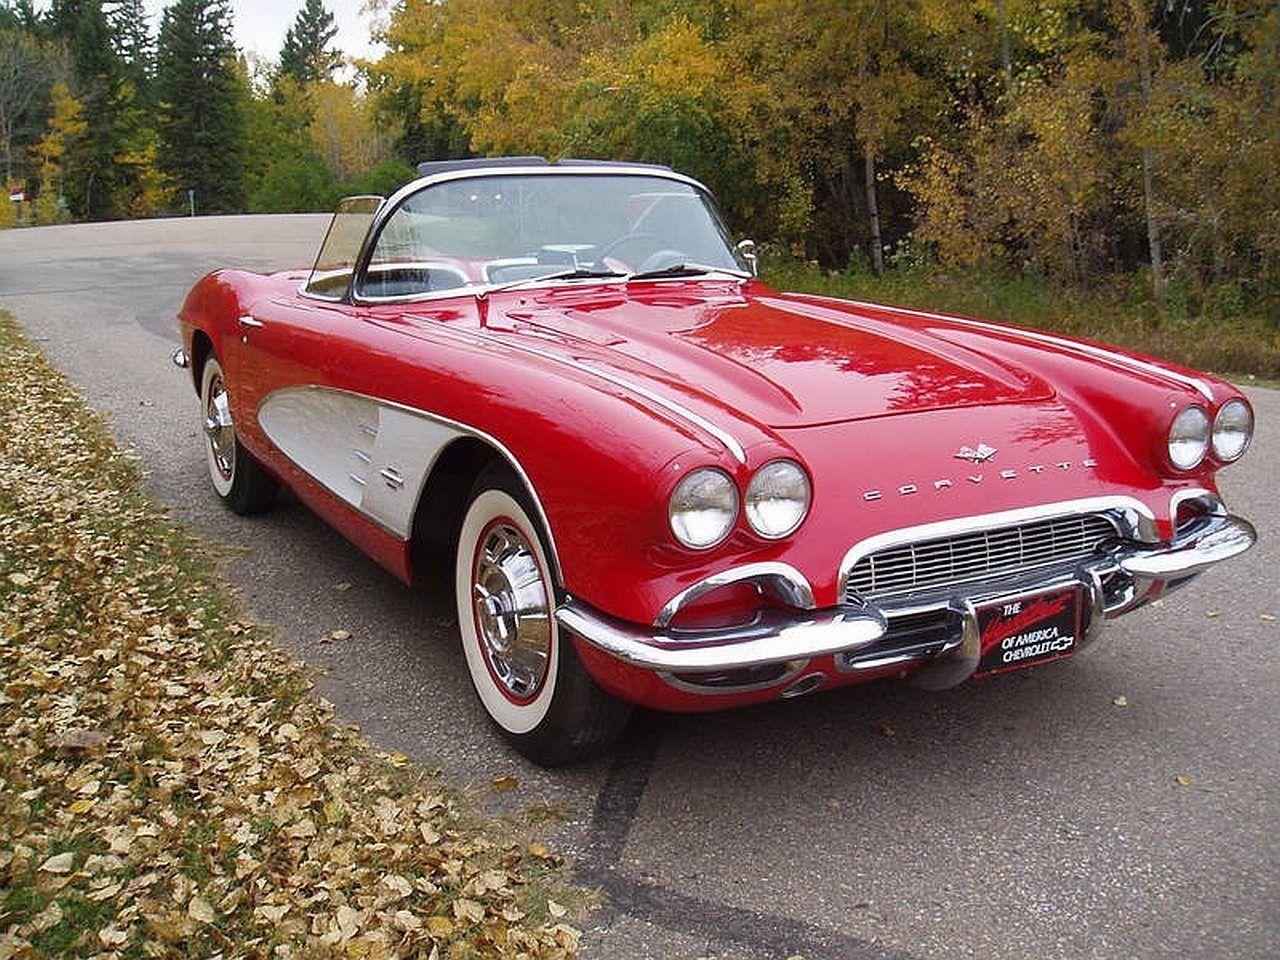 1961 C1 Corvette Image Gallery Pictures Corvette Vintage Corvette Chevrolet